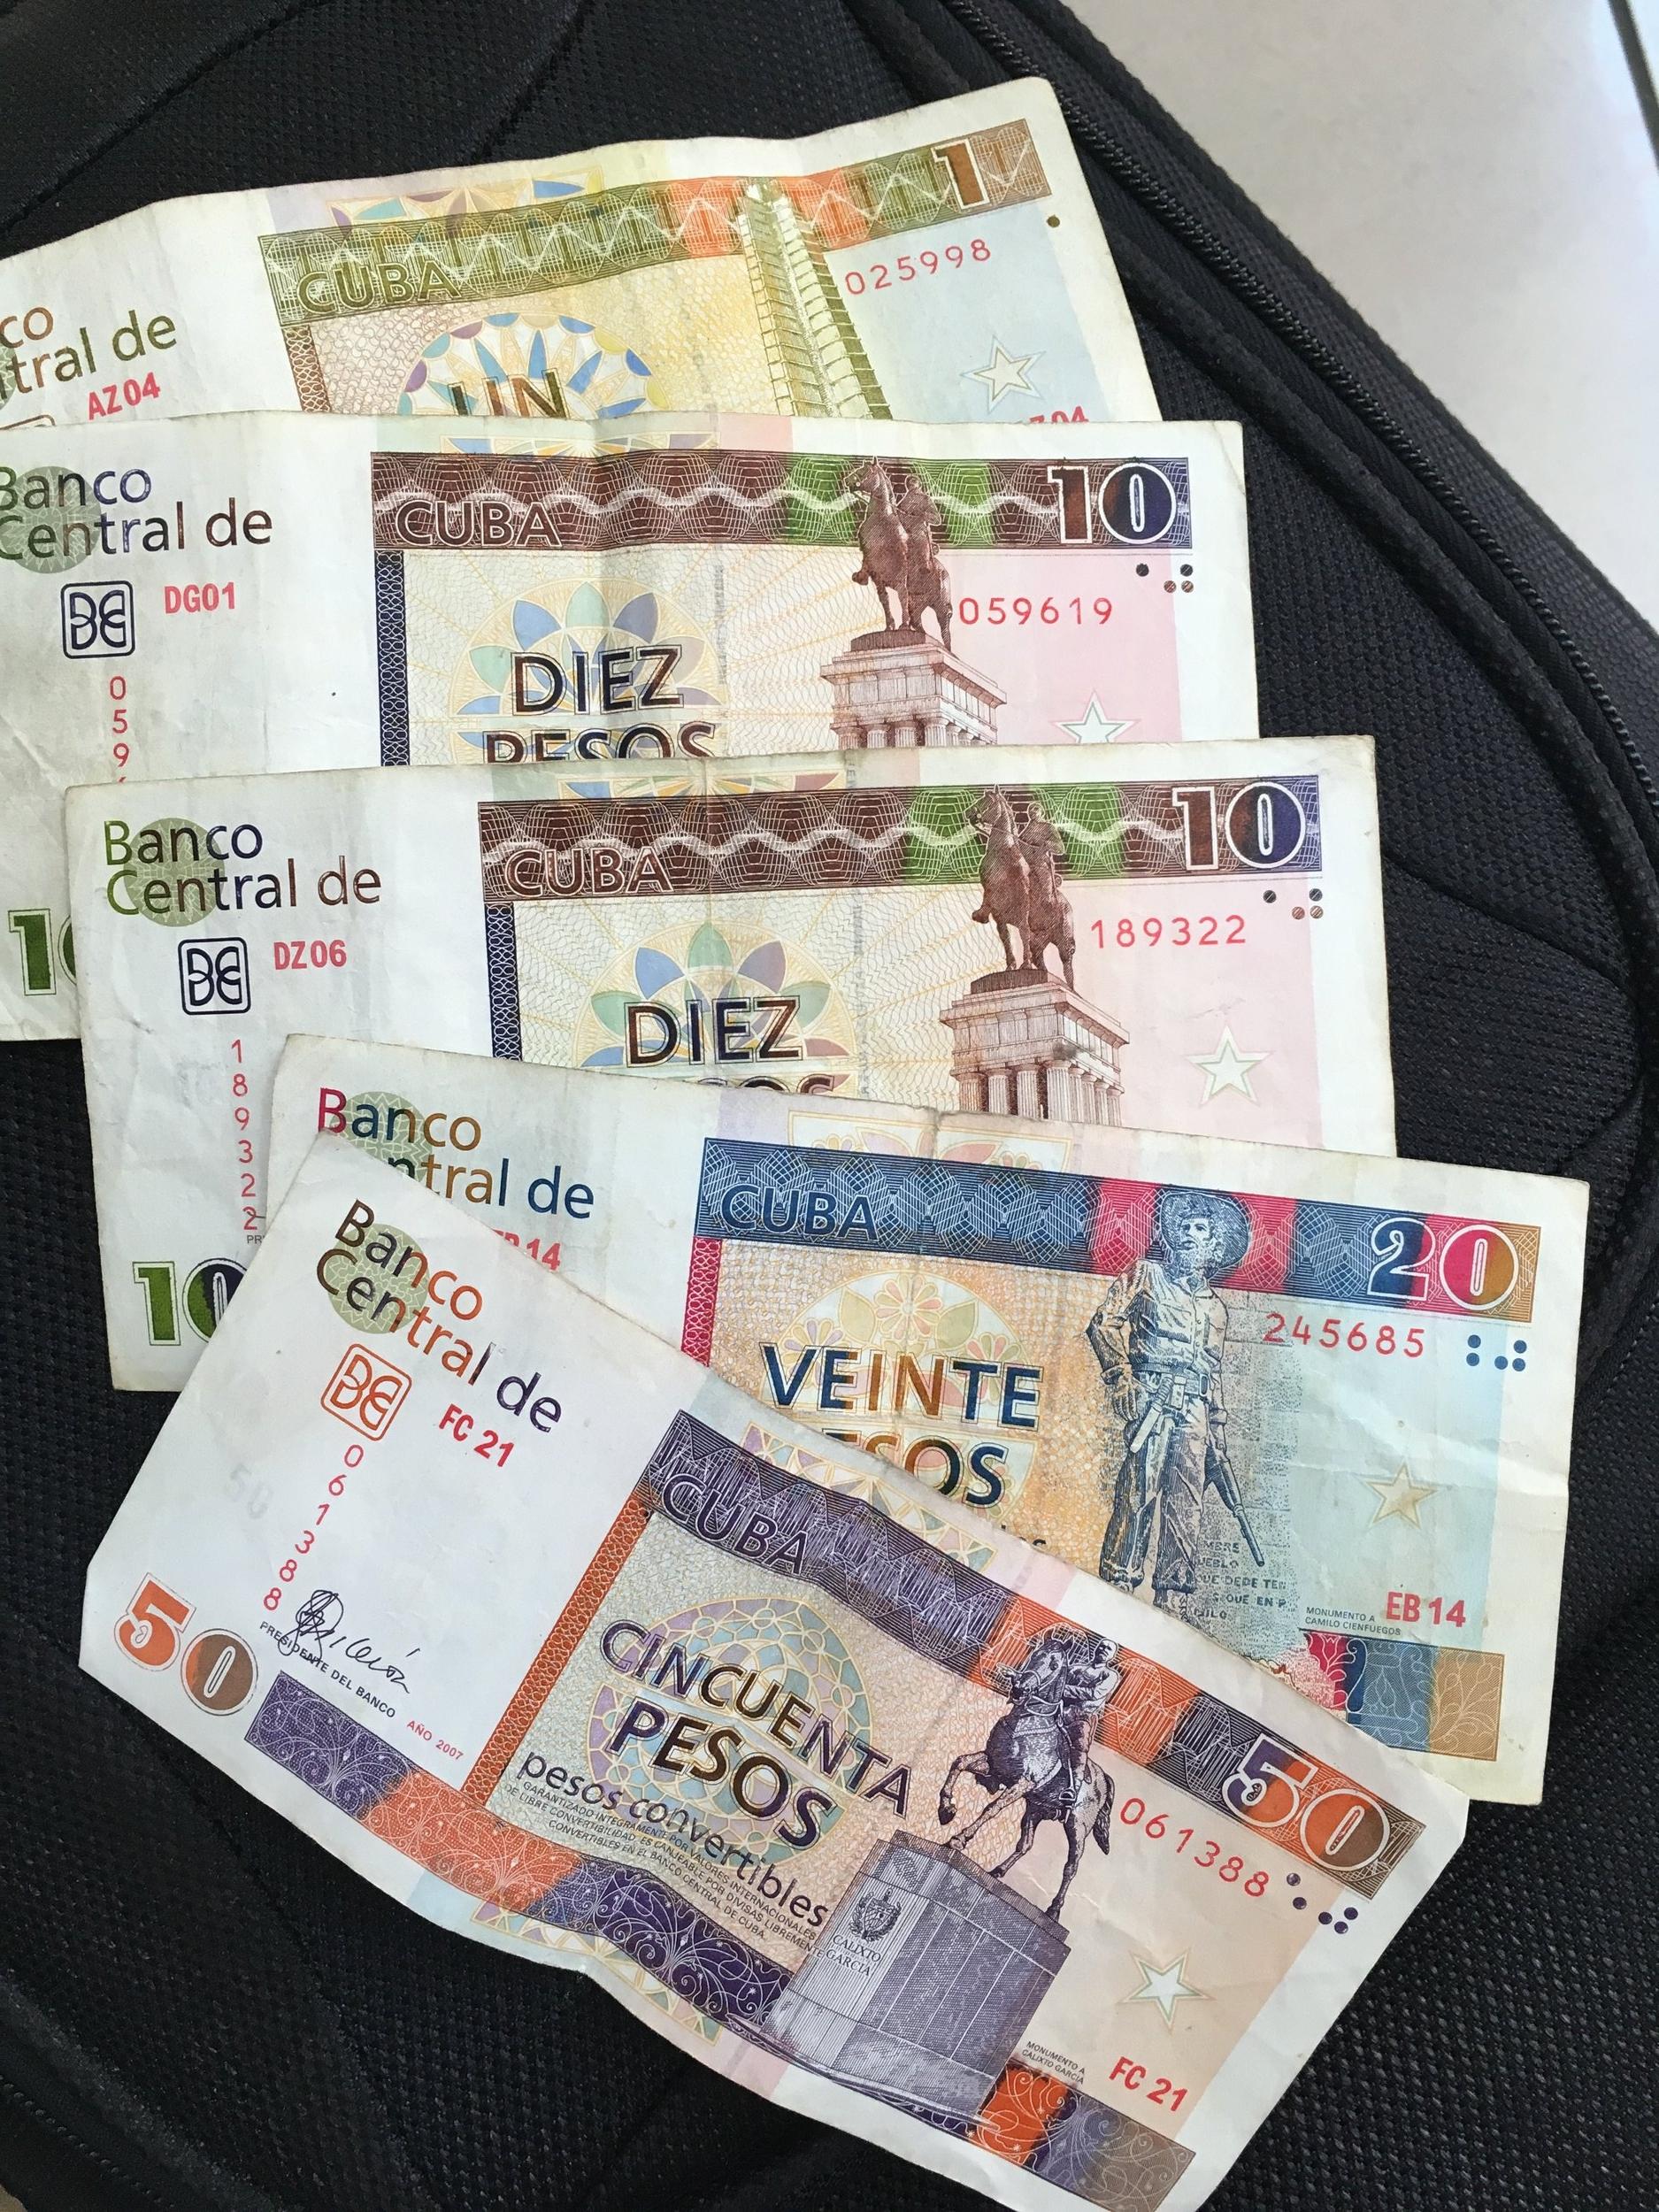 Cuban money